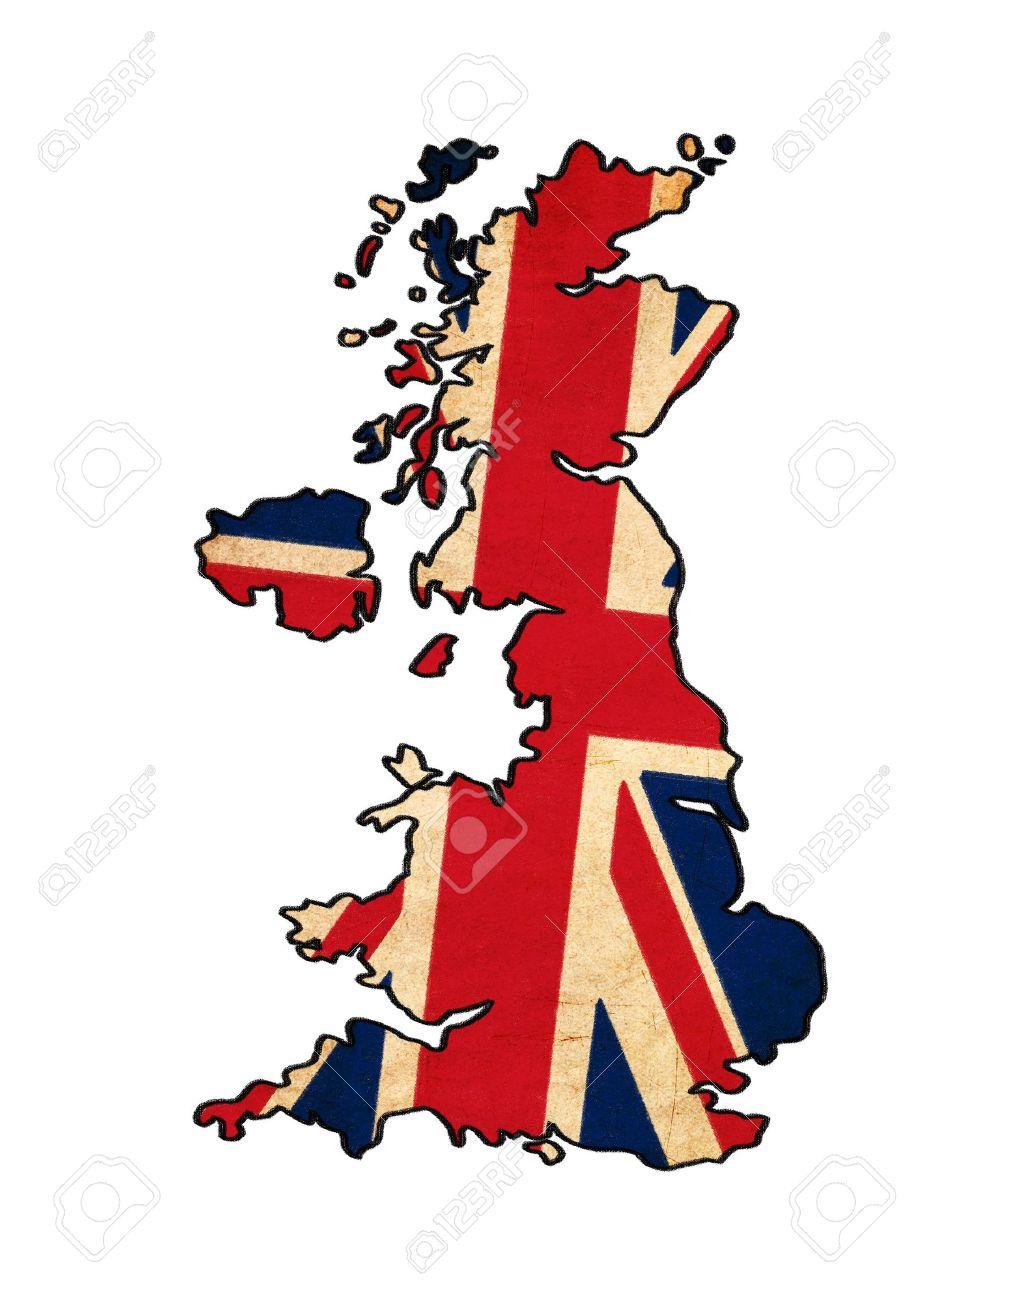 Royaume-Uni carte de dessin-Unis flag-Uni, grunge et rétro flag series Banque d'images - 15531437